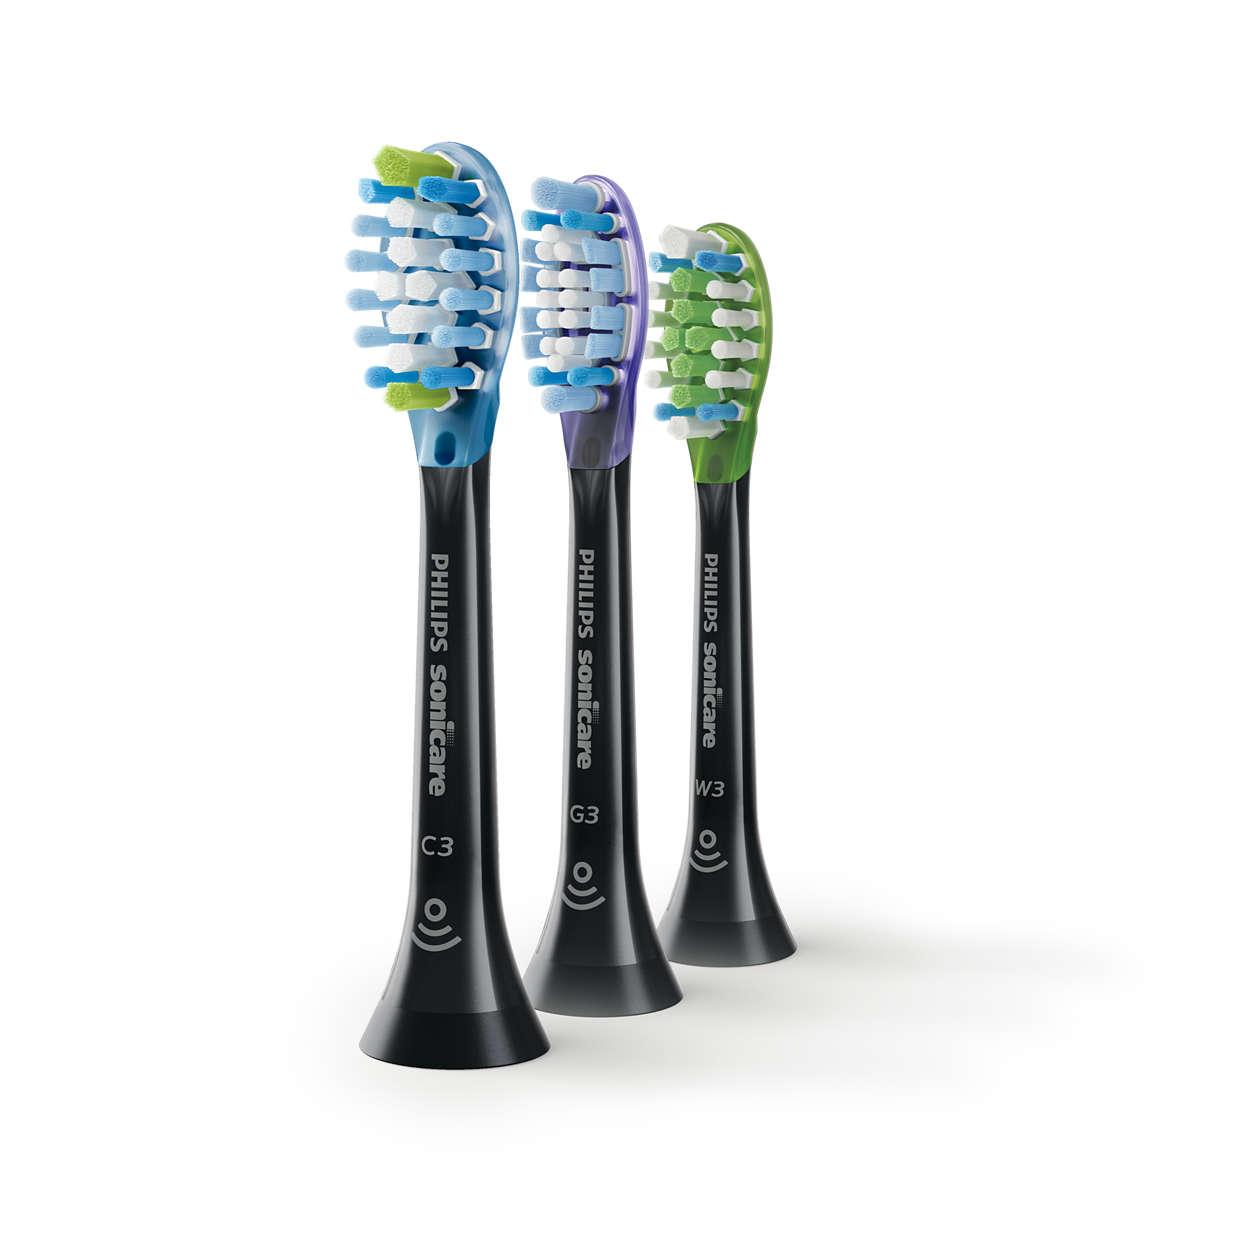 Nettoyage plus efficace, plus sain et dents plus blanches